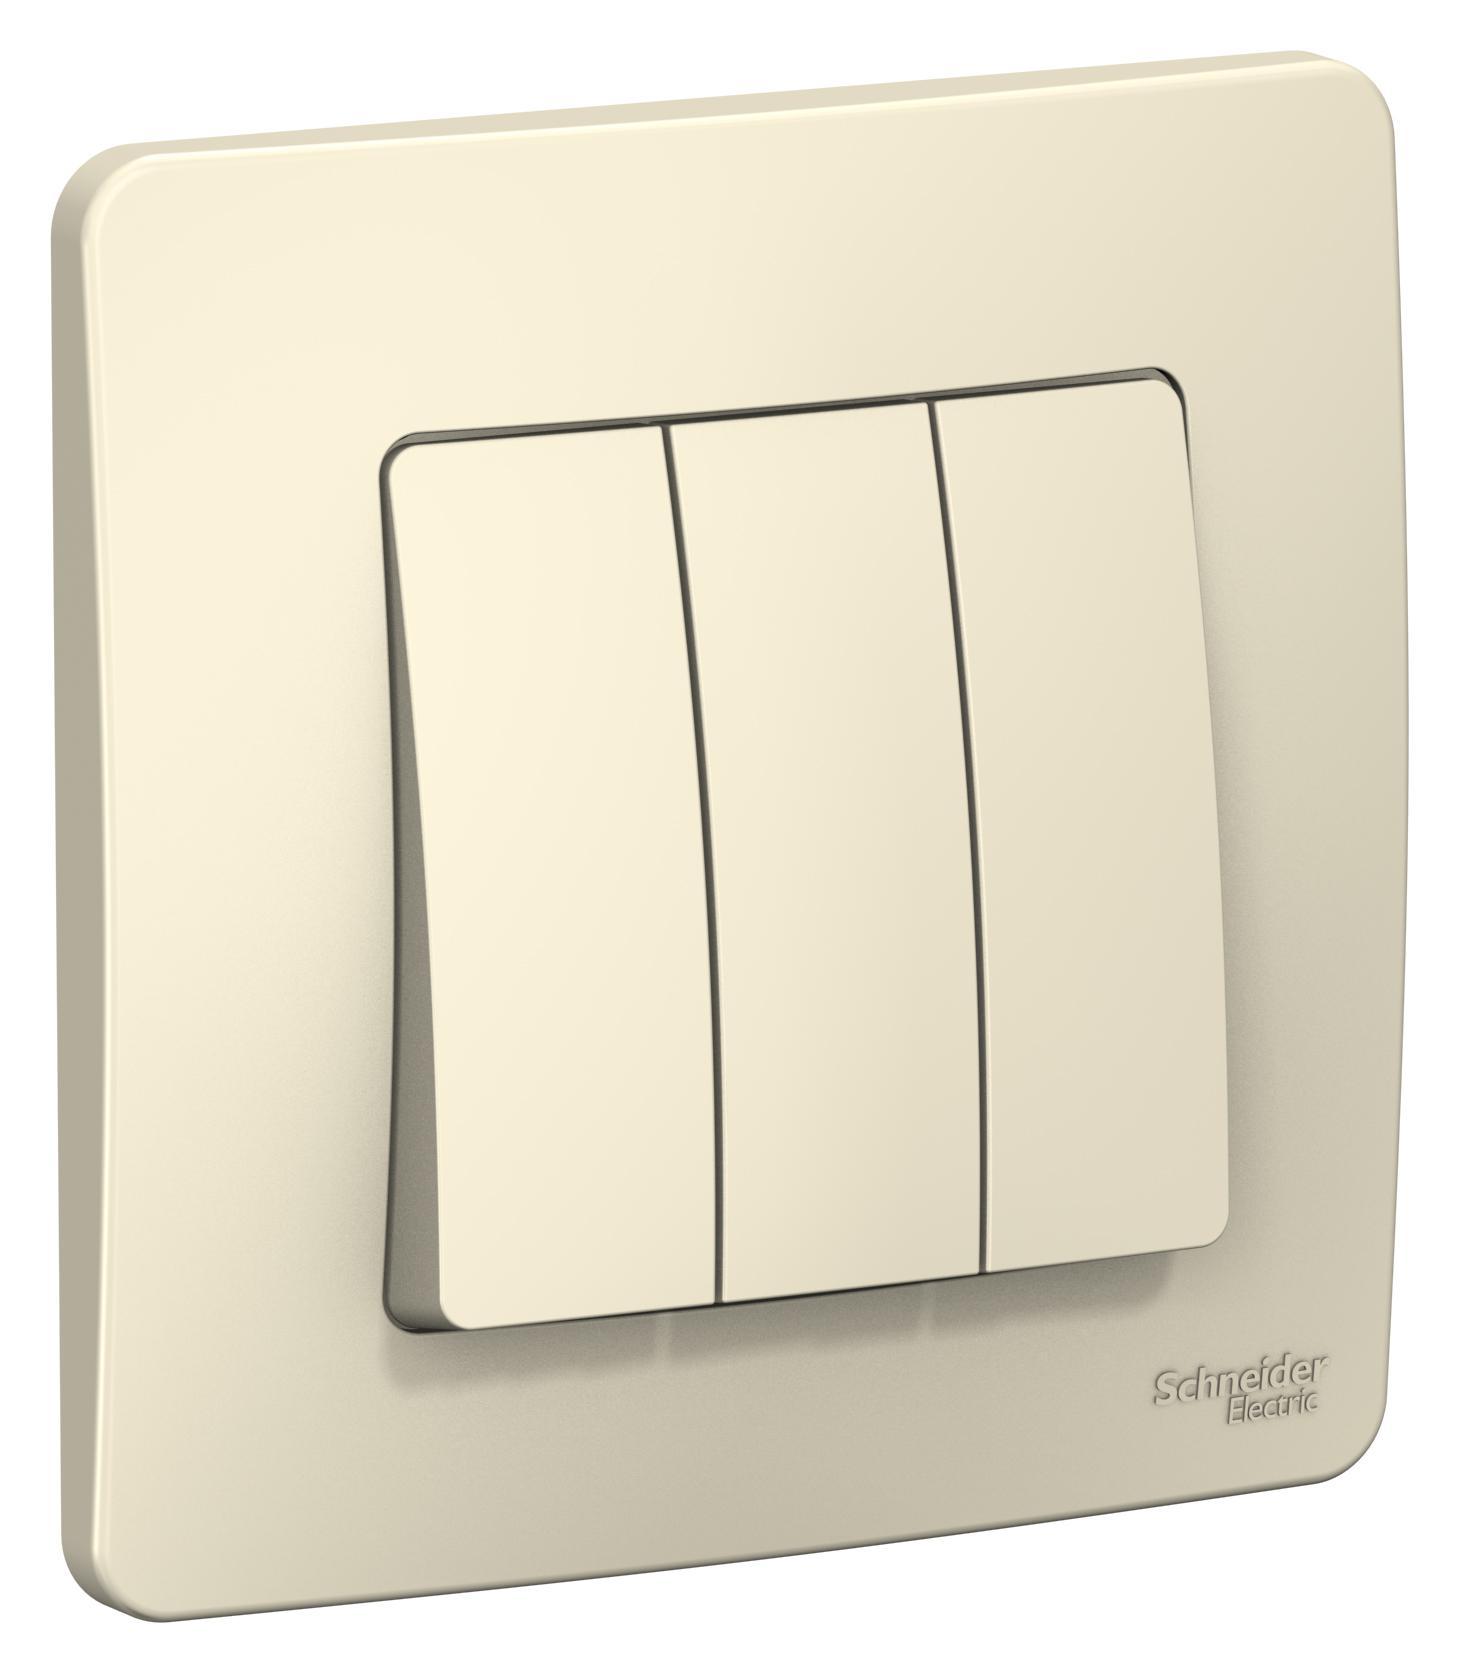 Выключатель Schneider electric Blnvs100502 blanca выключатель schneider electric blnva101013 blanca